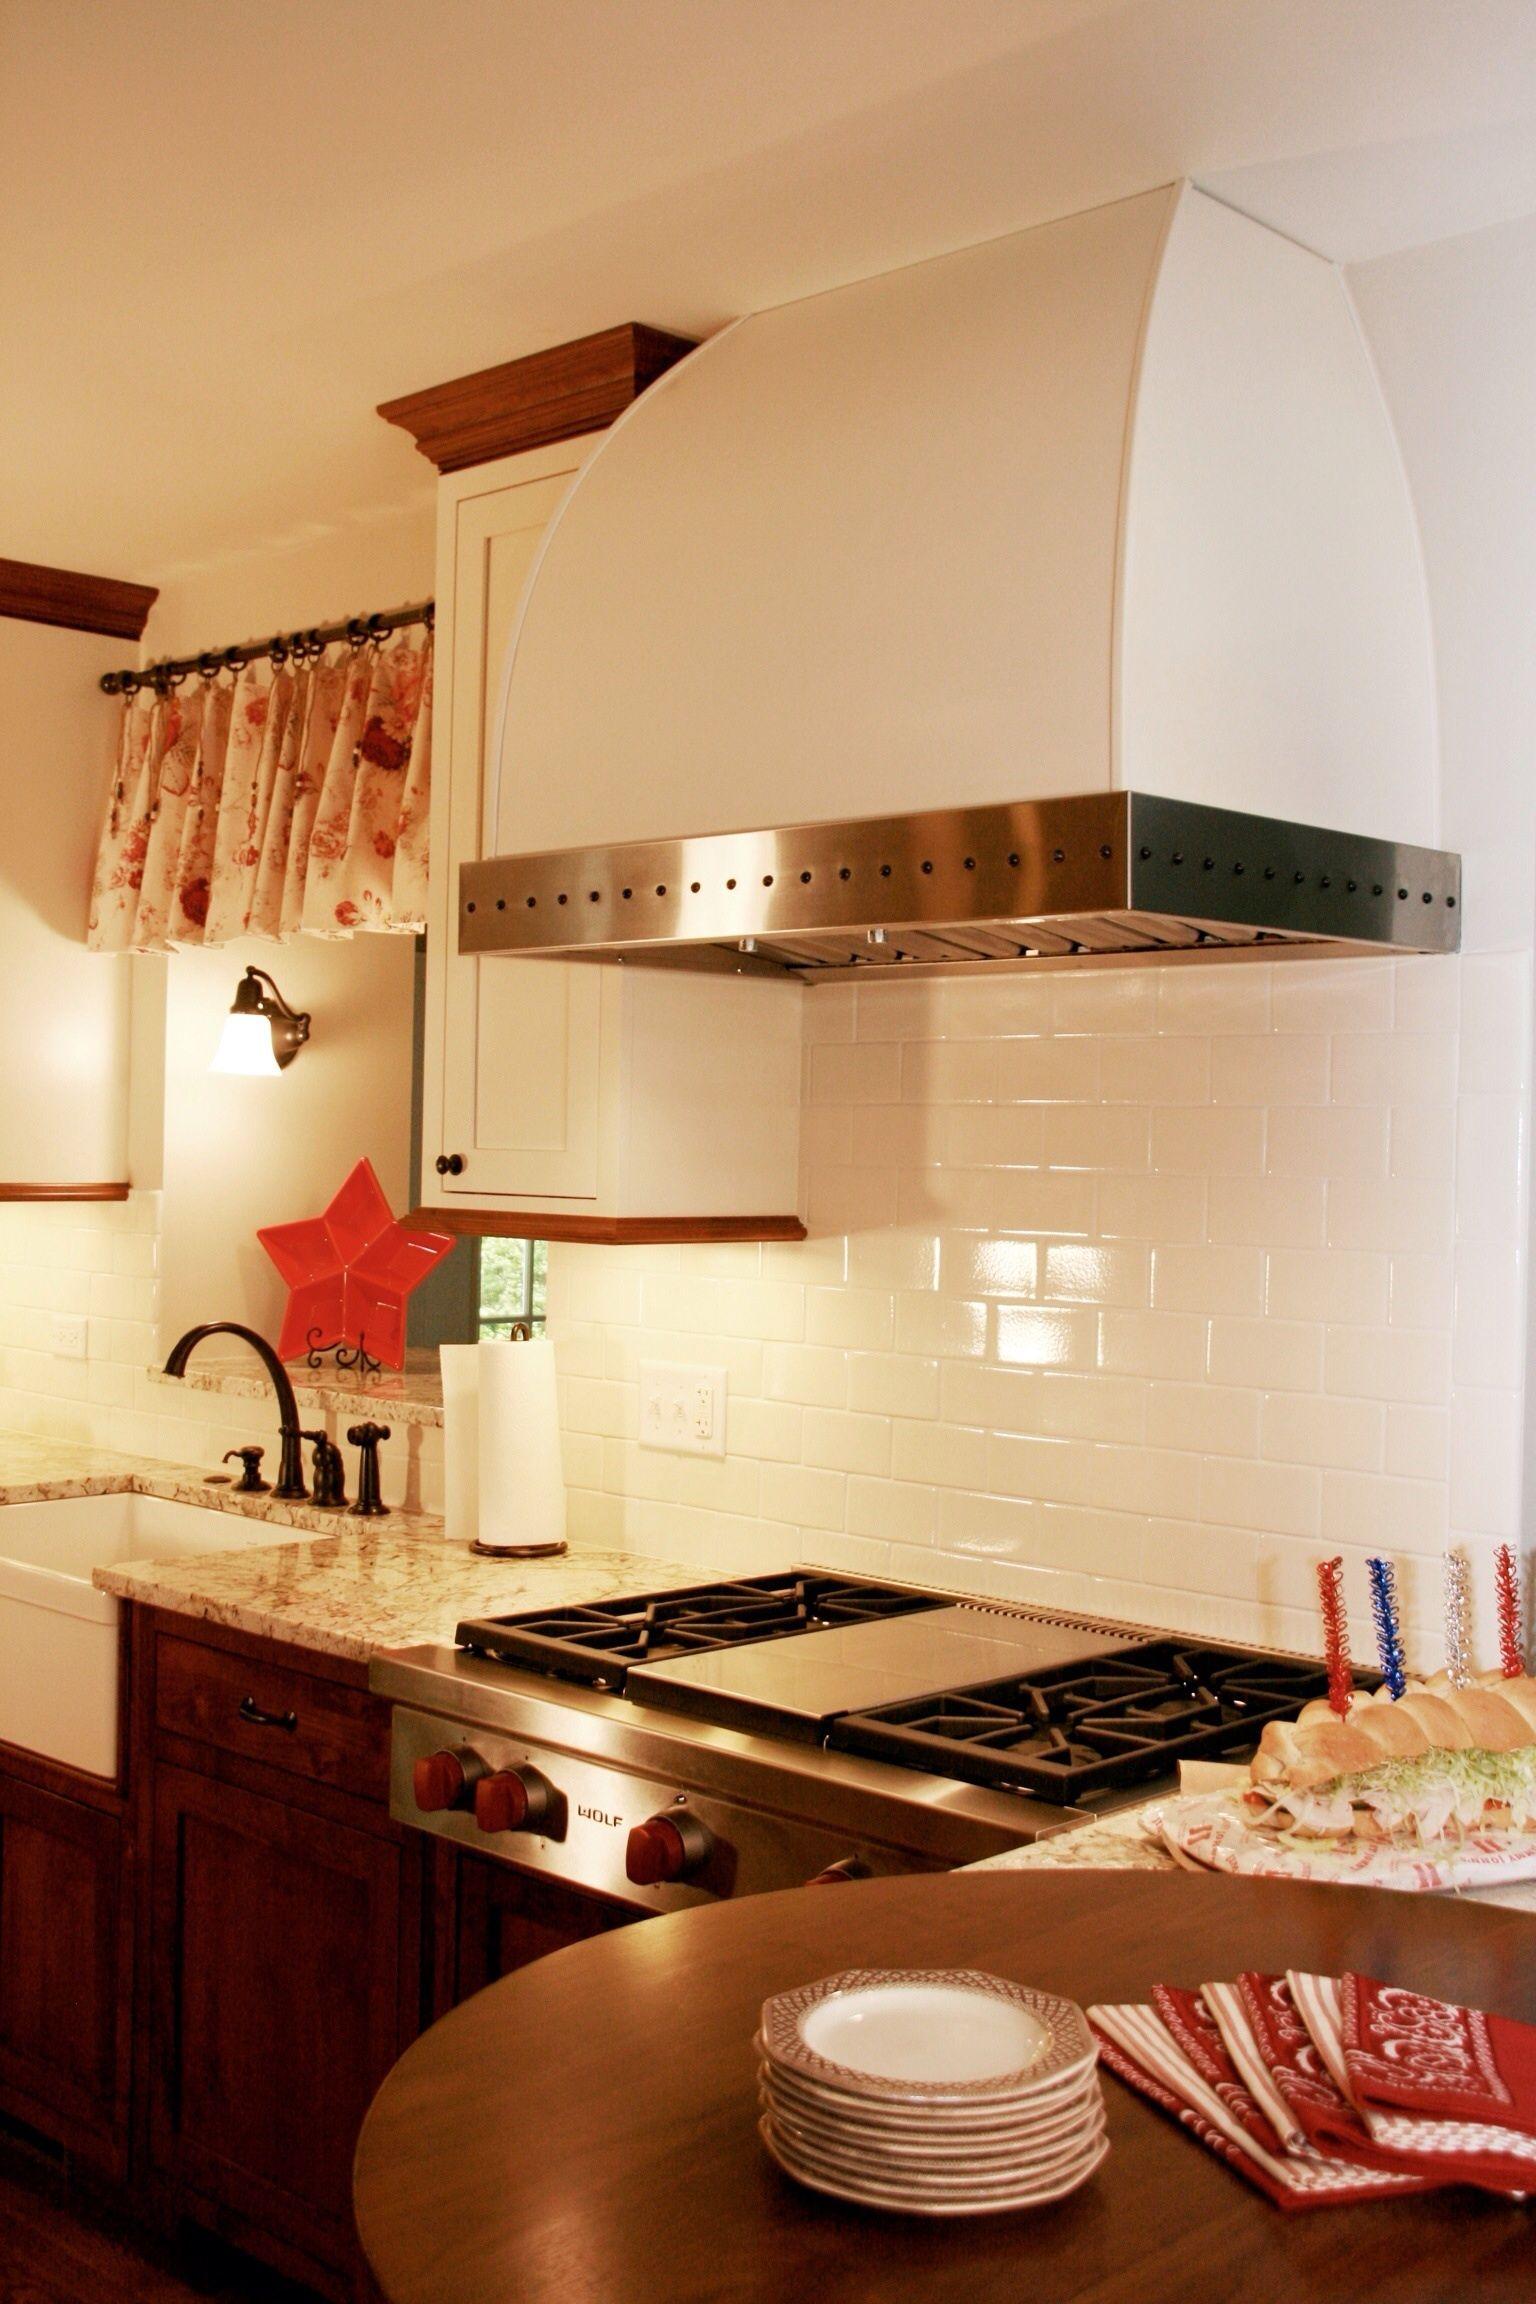 Schön Benutzerdefinierte Küchenhaube Fertigung Ideen - Küchen Design ...